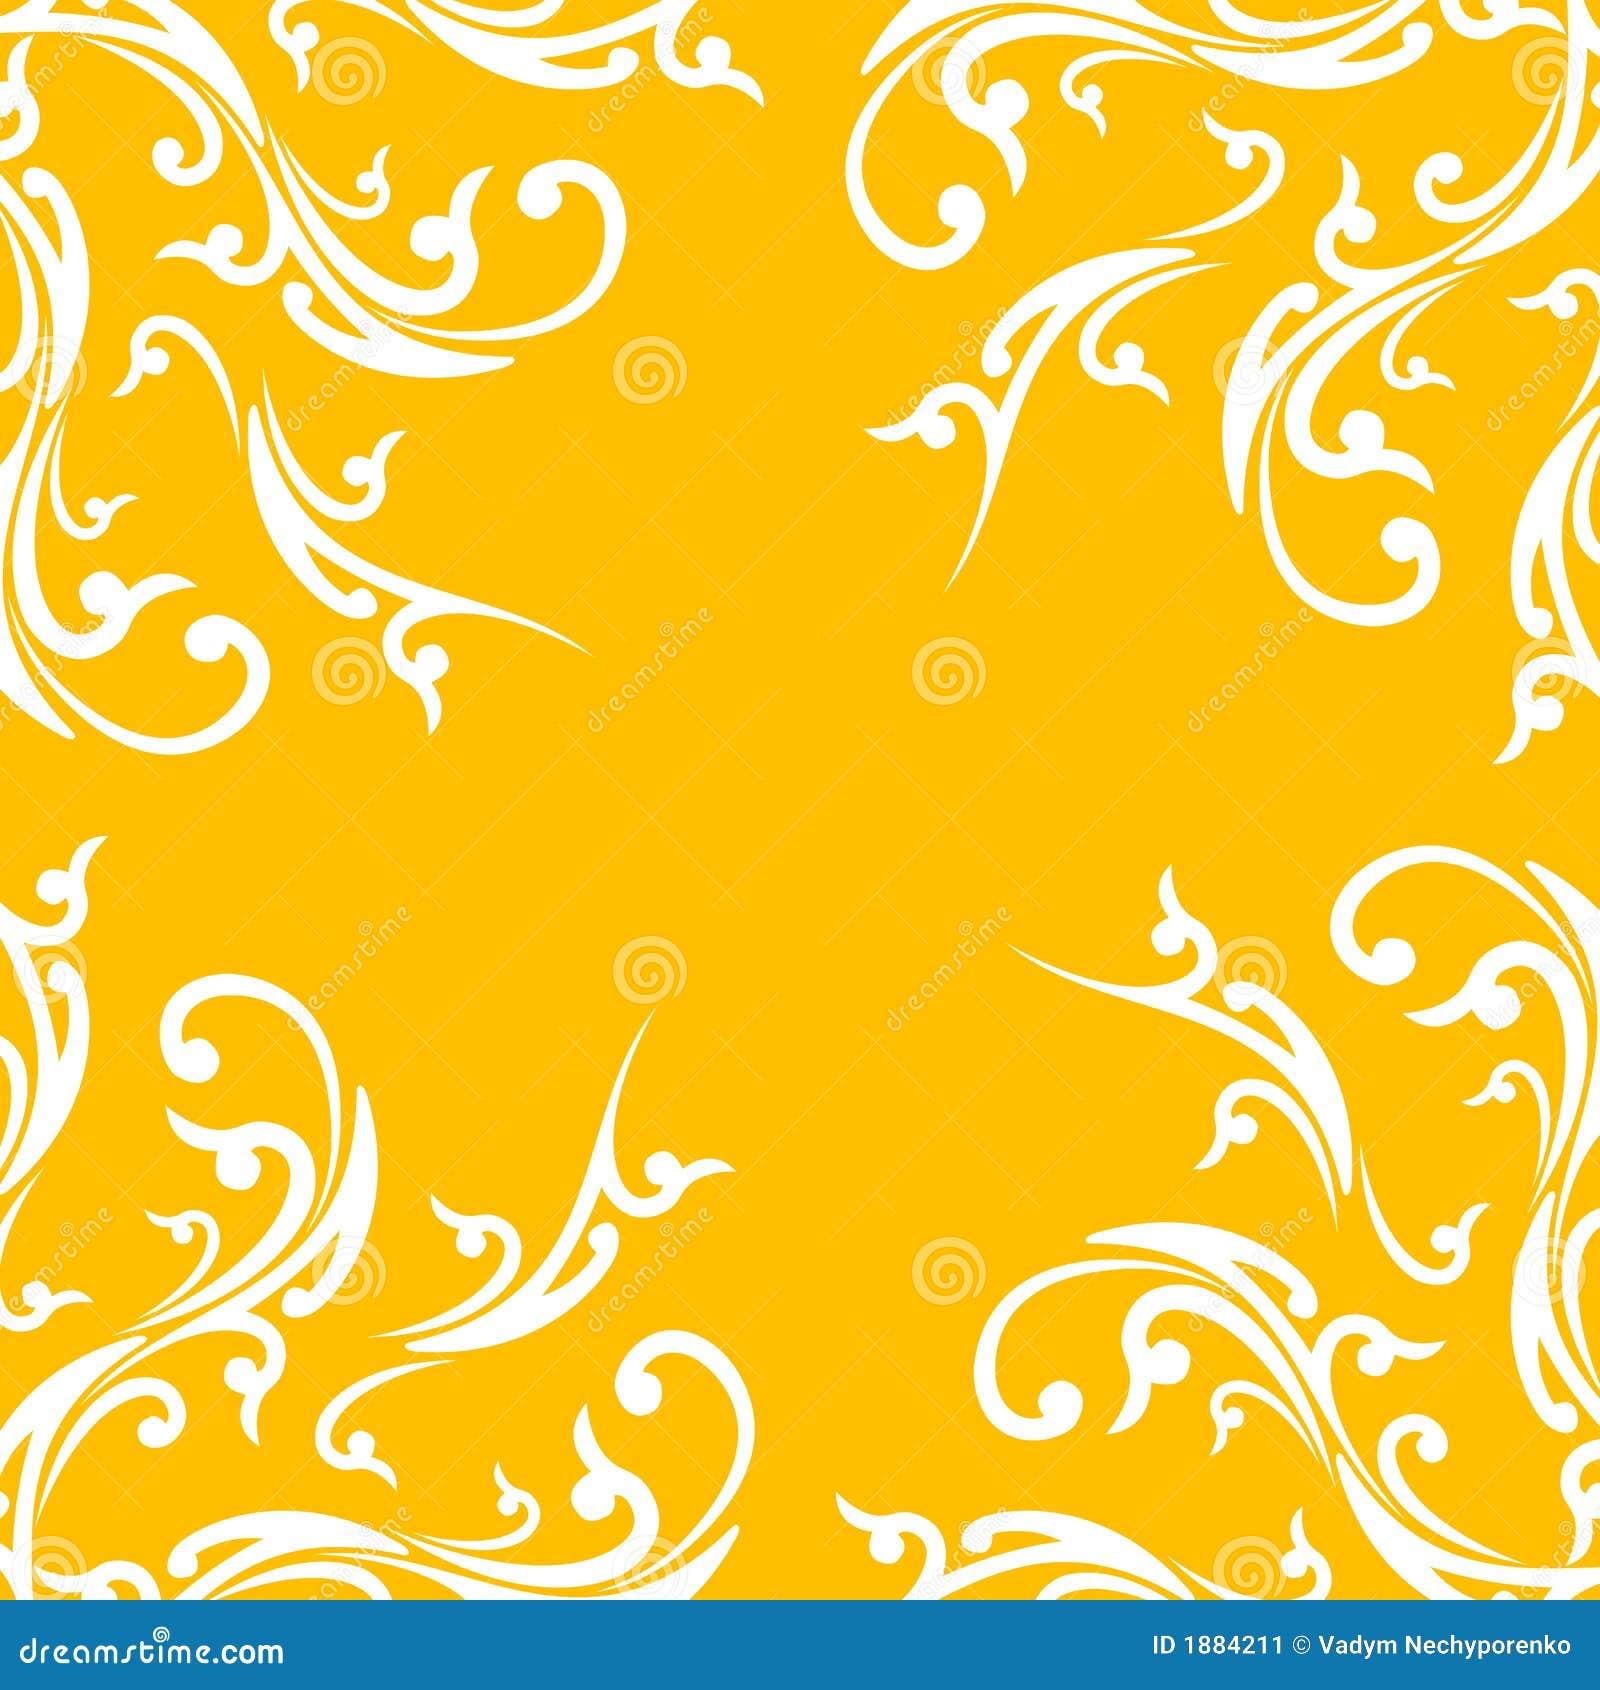 Fondo abstracto creativo con el elemento floral en color anaranjado